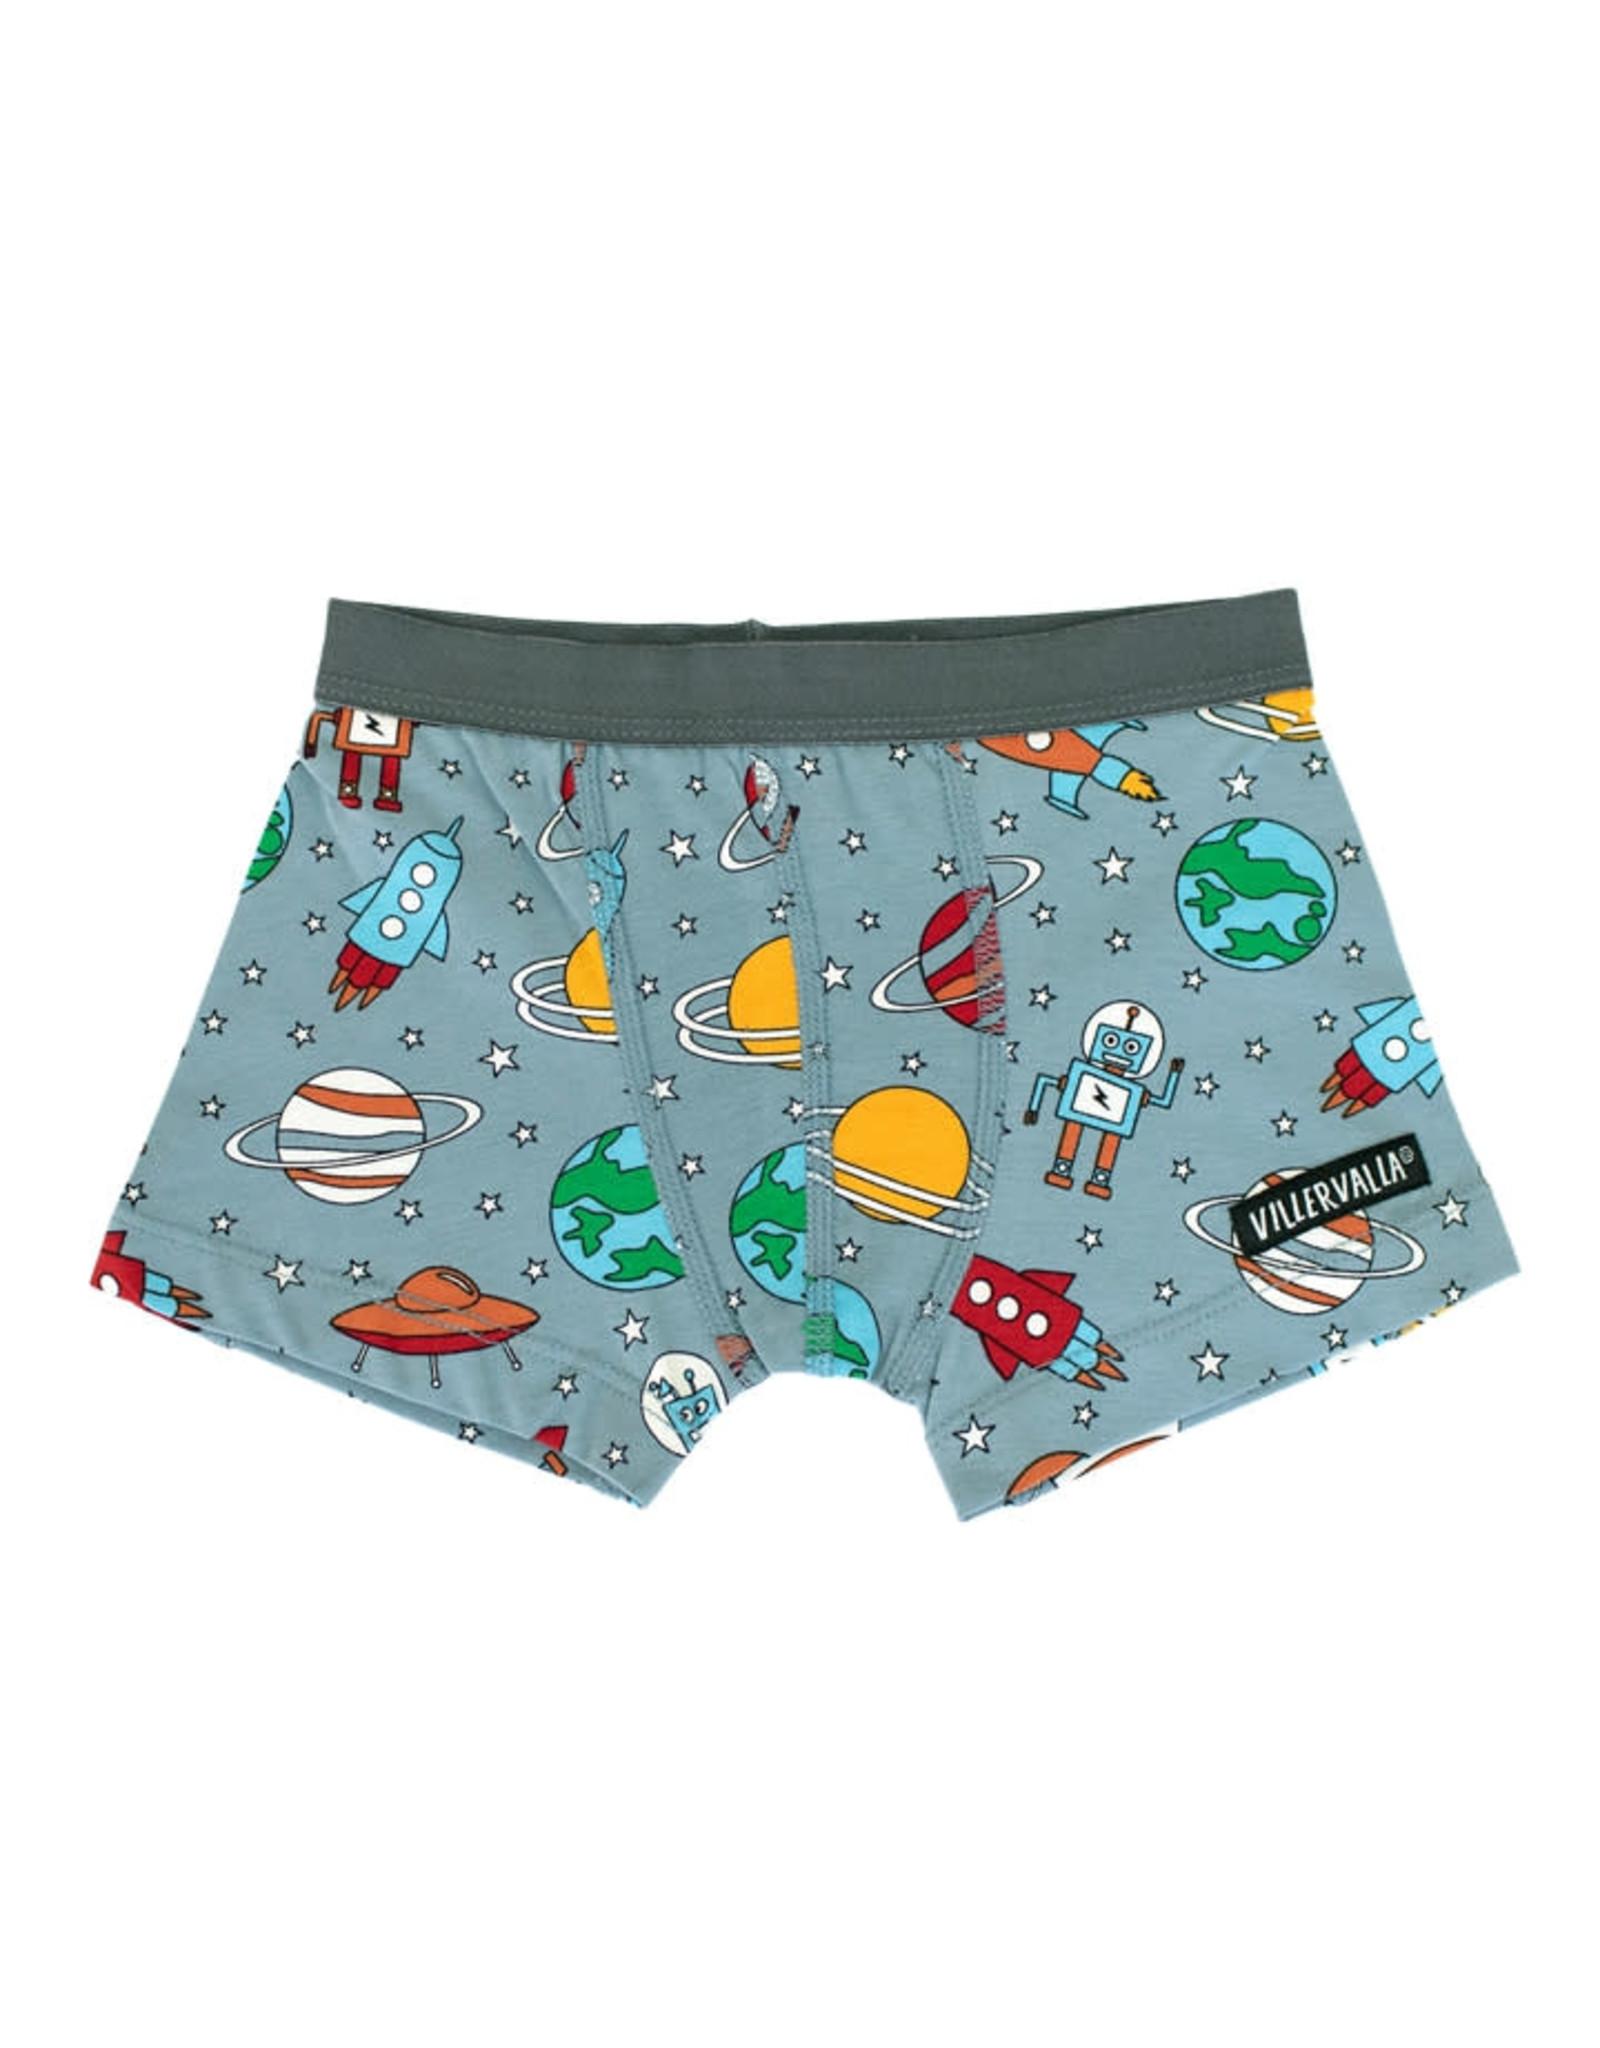 Villervalla Grijze boxer short met printjes uit de ruimte